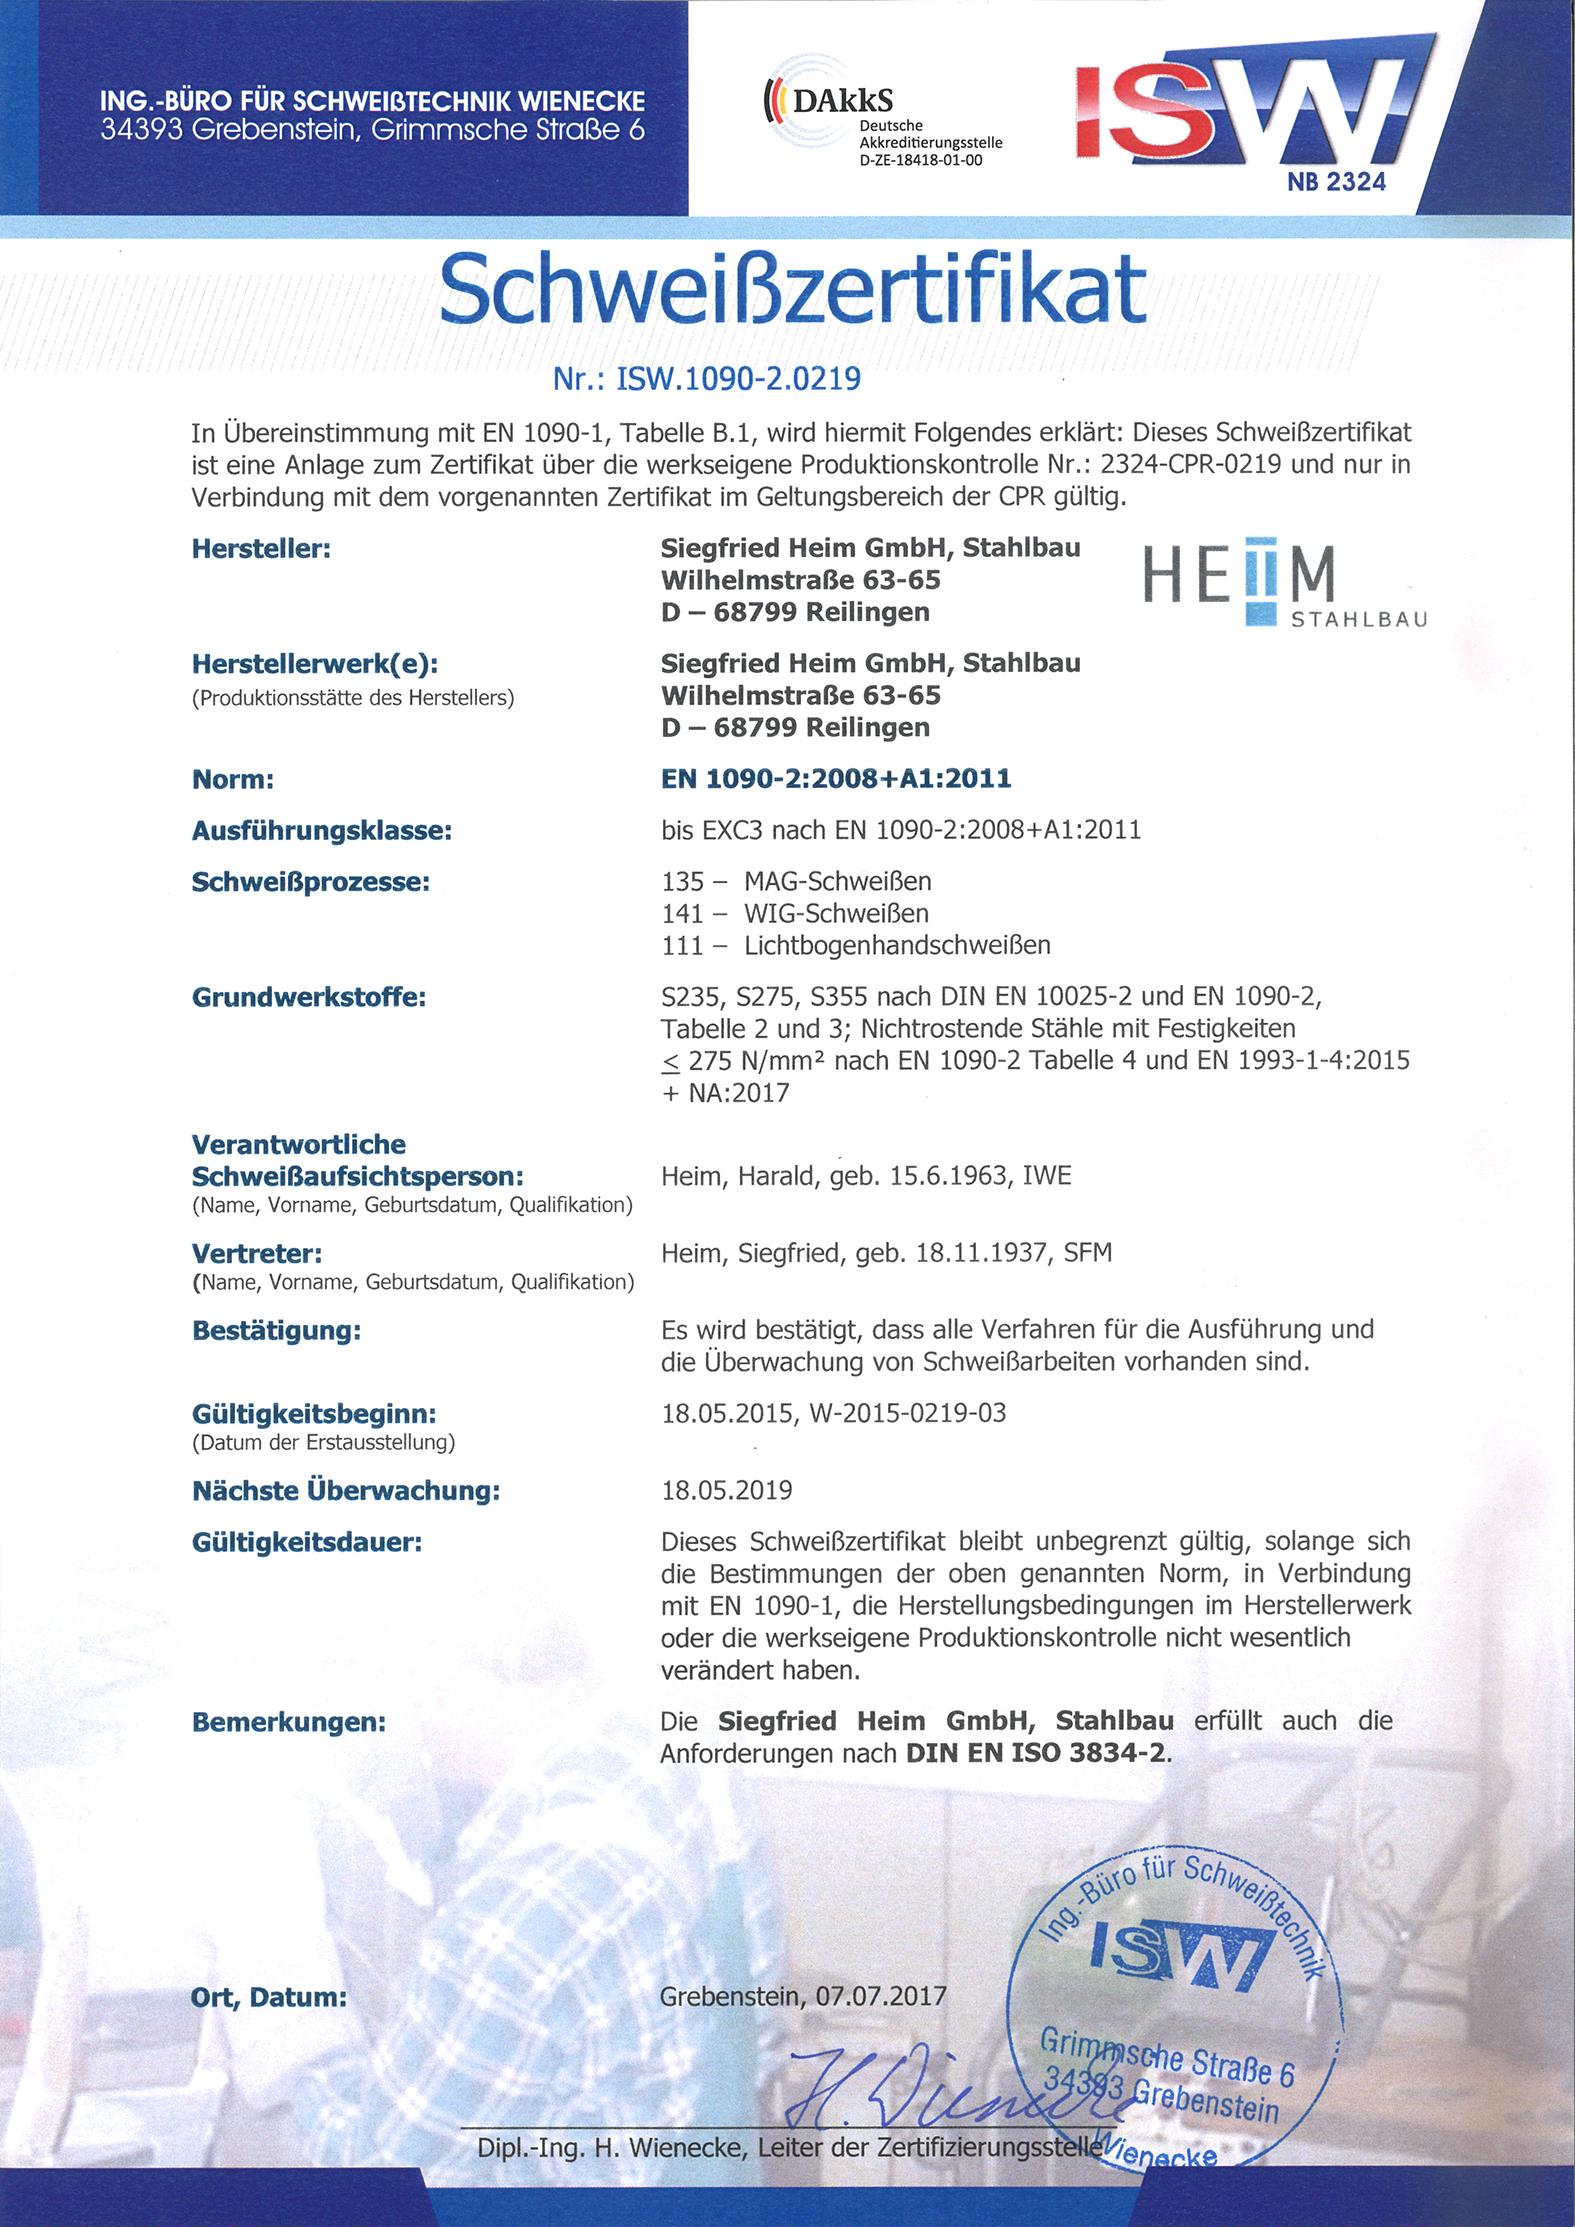 Schweisszertifikat - Bauunternehmen